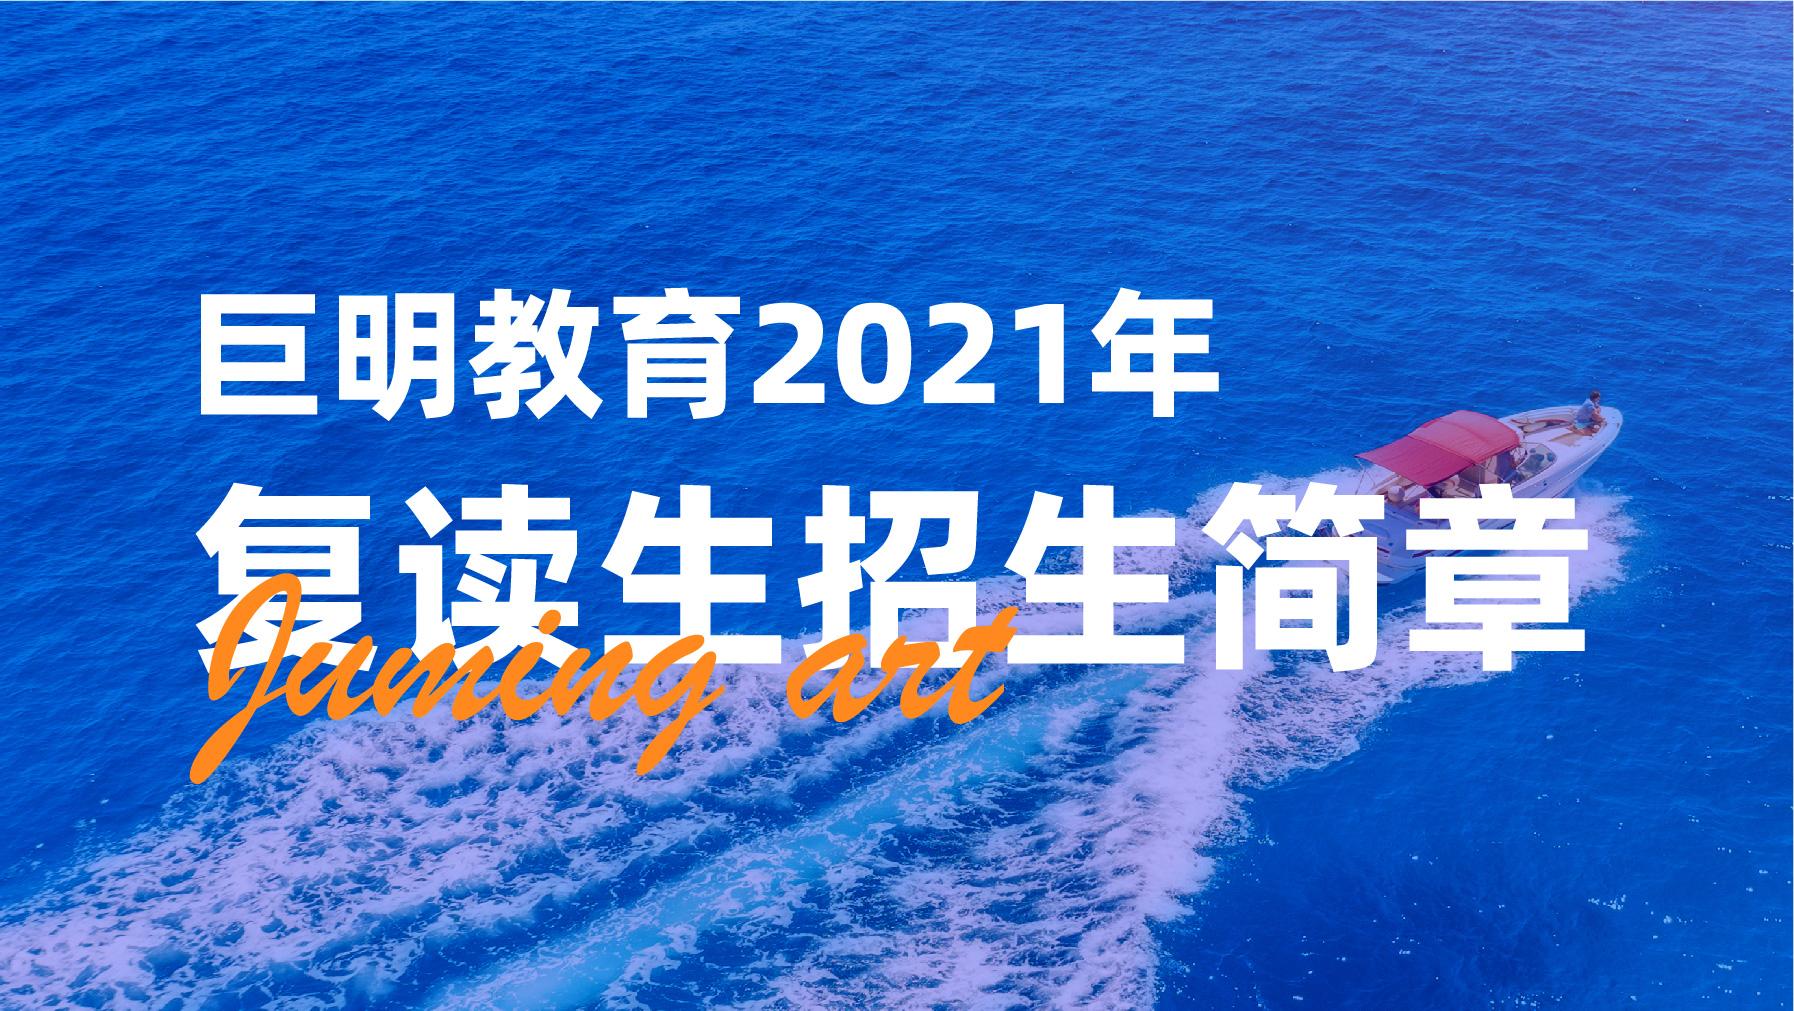 免费复读,助你航行丨2021年复读生招生简章!